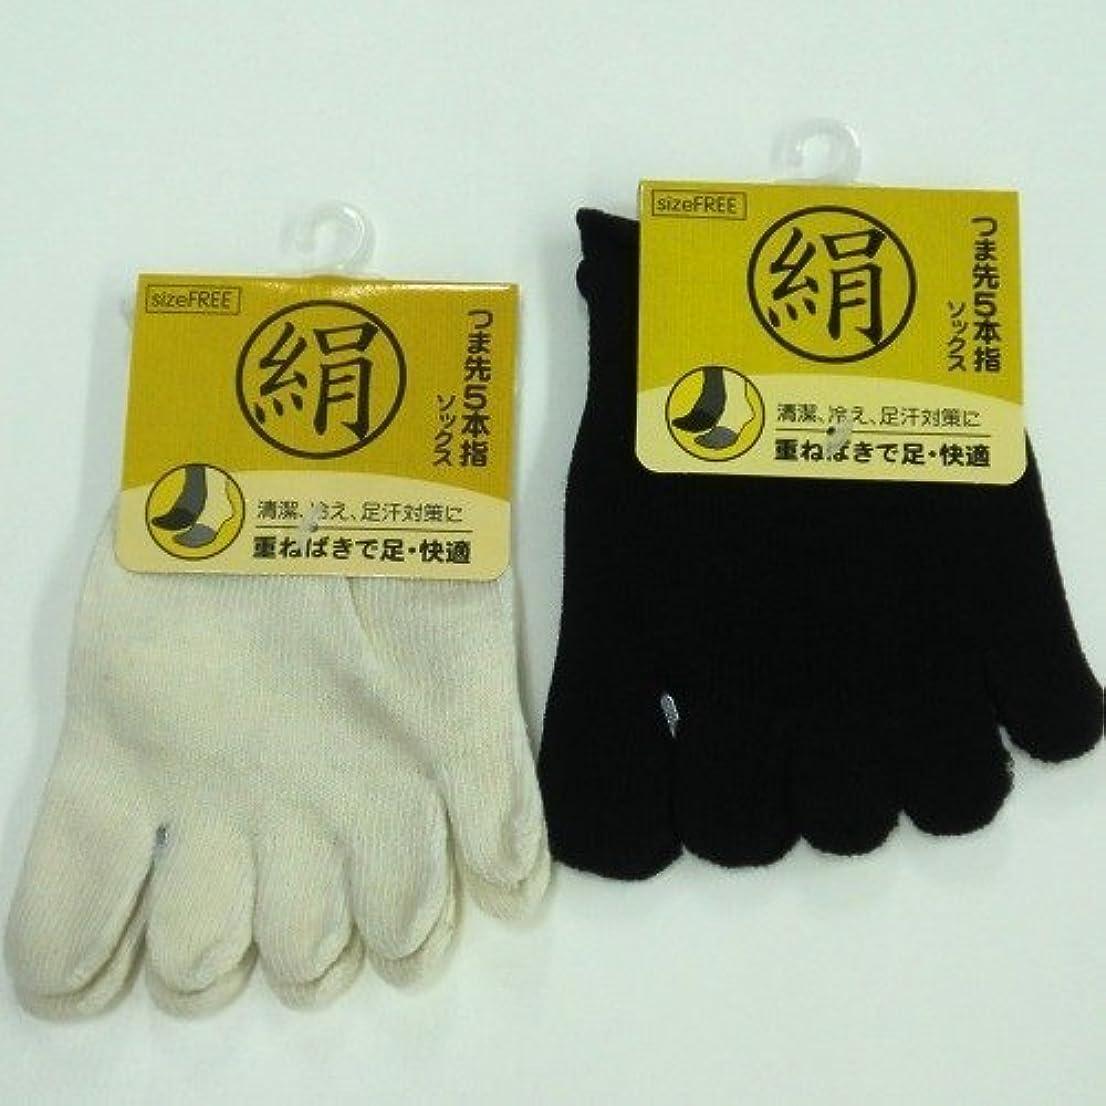 ポール困ったながらシルク 5本指ハーフソックス 足指カバー 天然素材絹で抗菌防臭 4足組